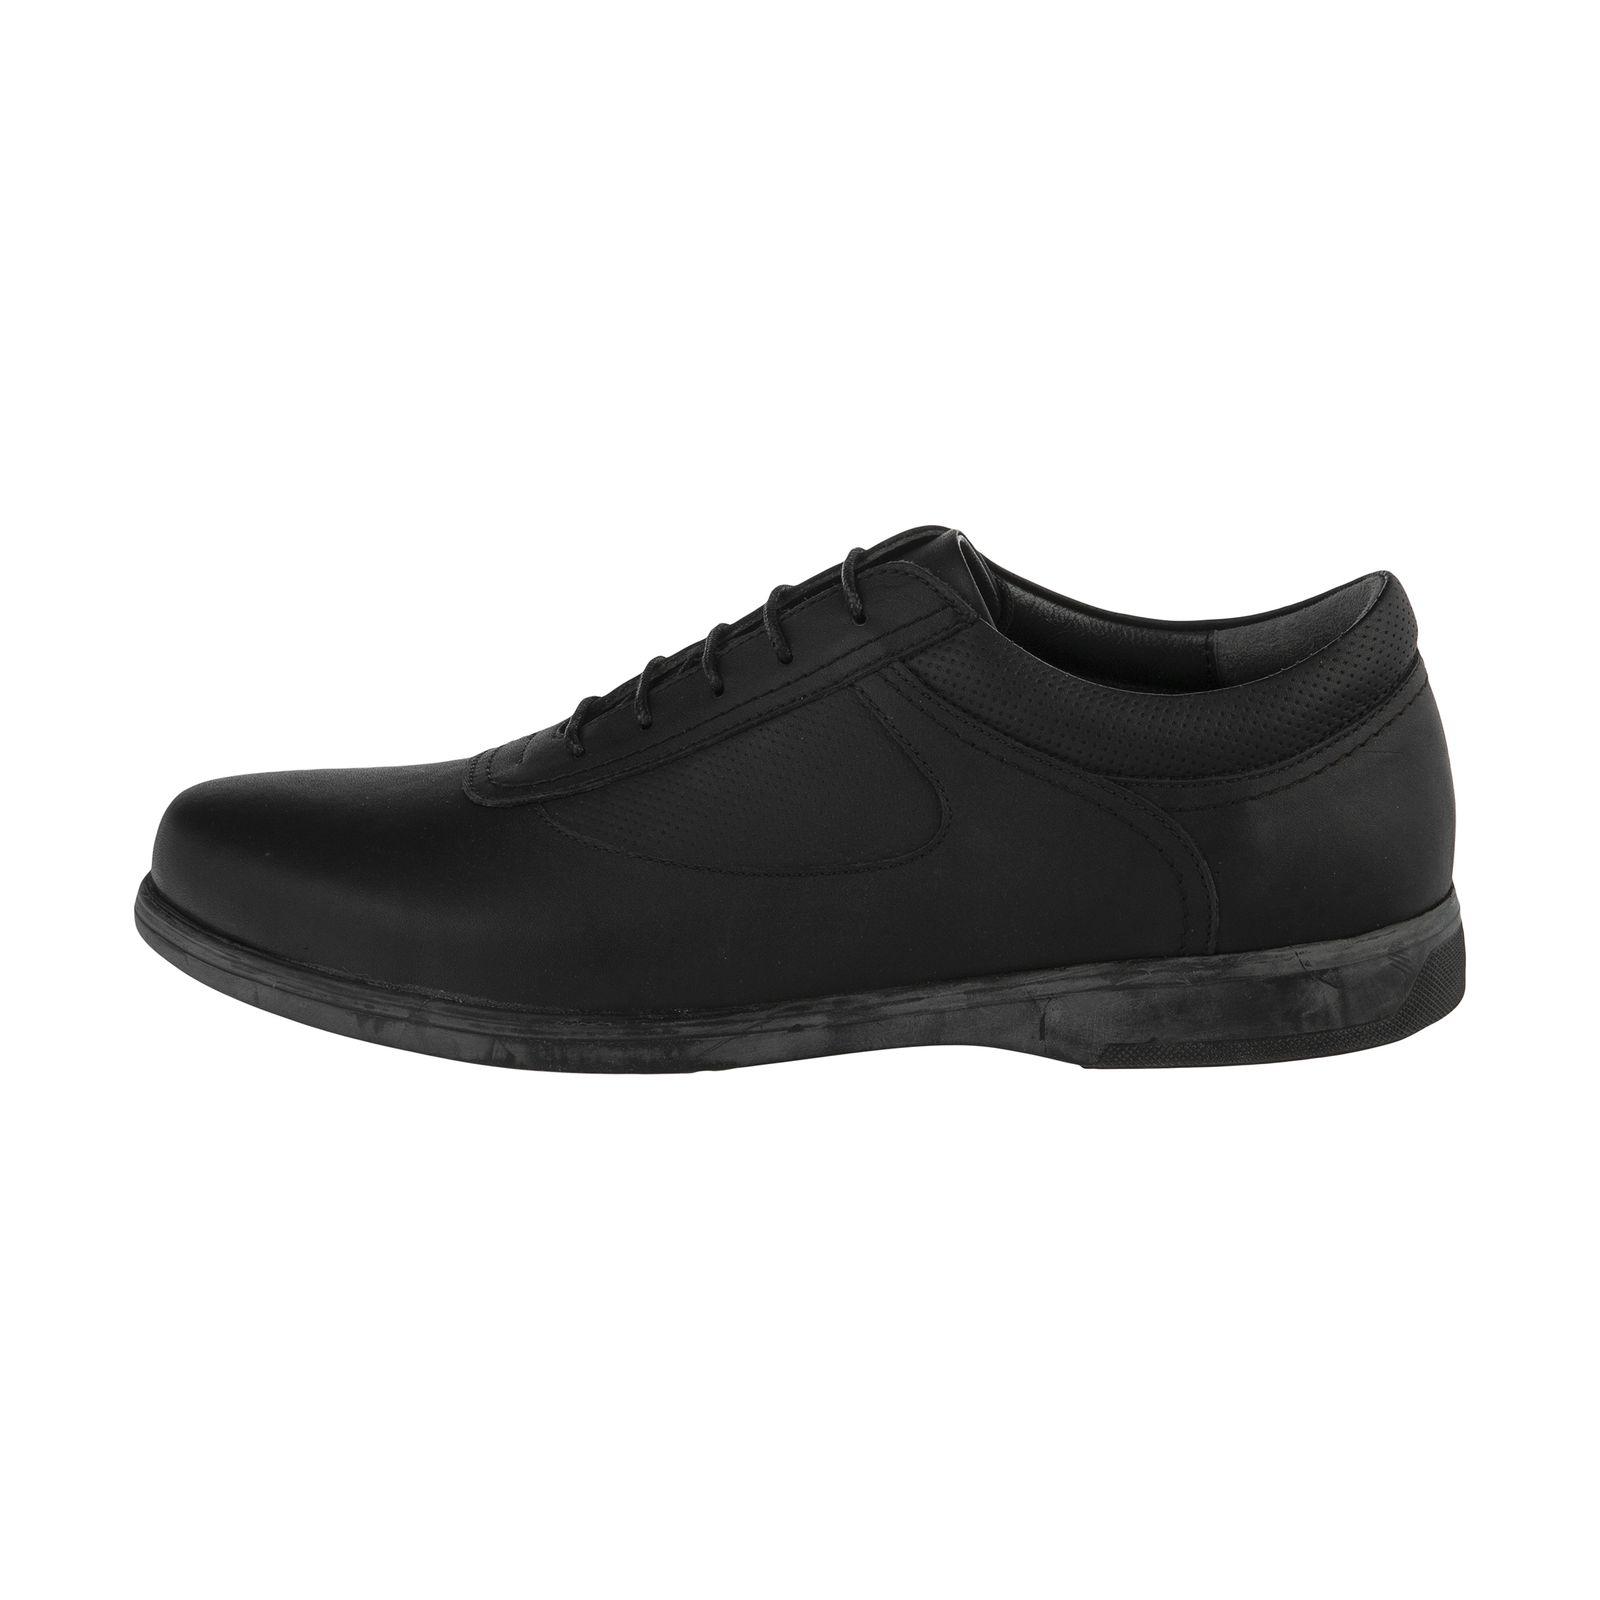 کفش روزمره مردانه سوته مدل 5017A503101 -  - 2